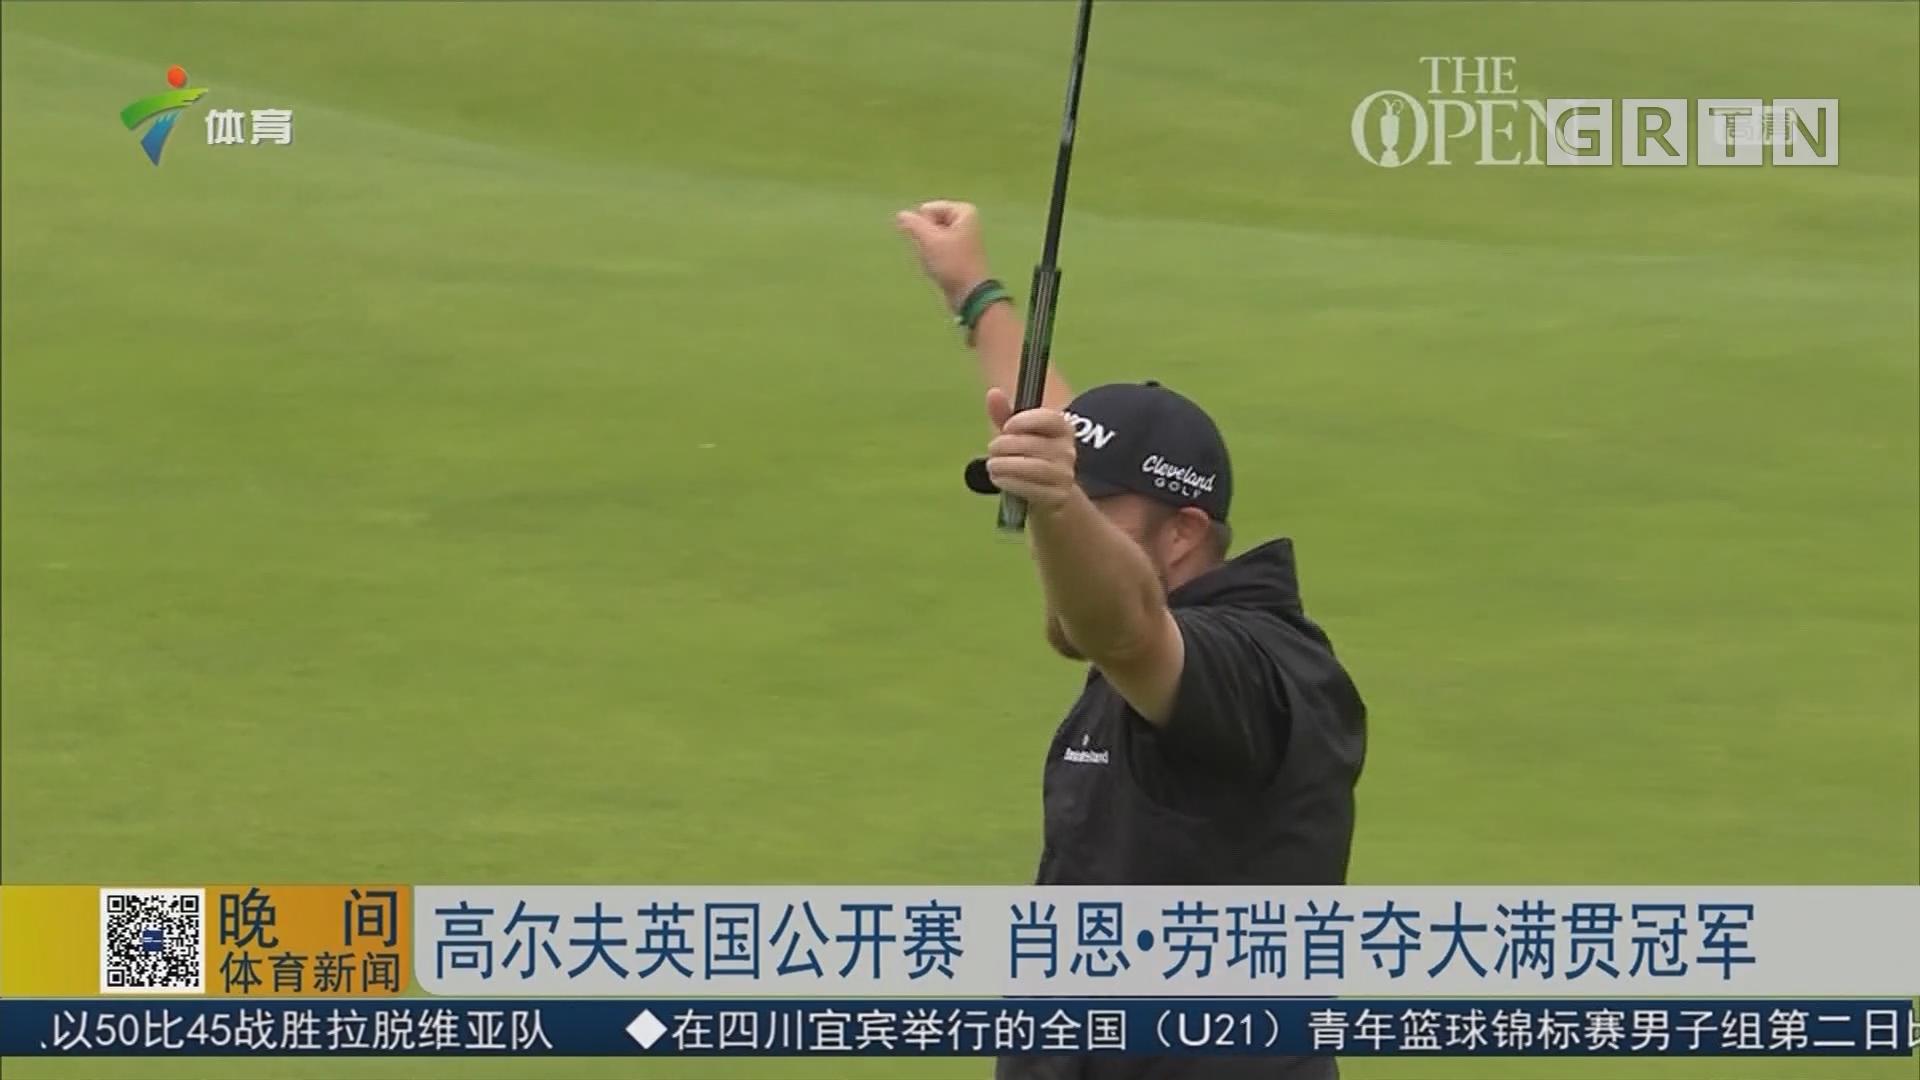 高尔夫英国公开赛 肖恩·劳瑞首夺大满贯冠军